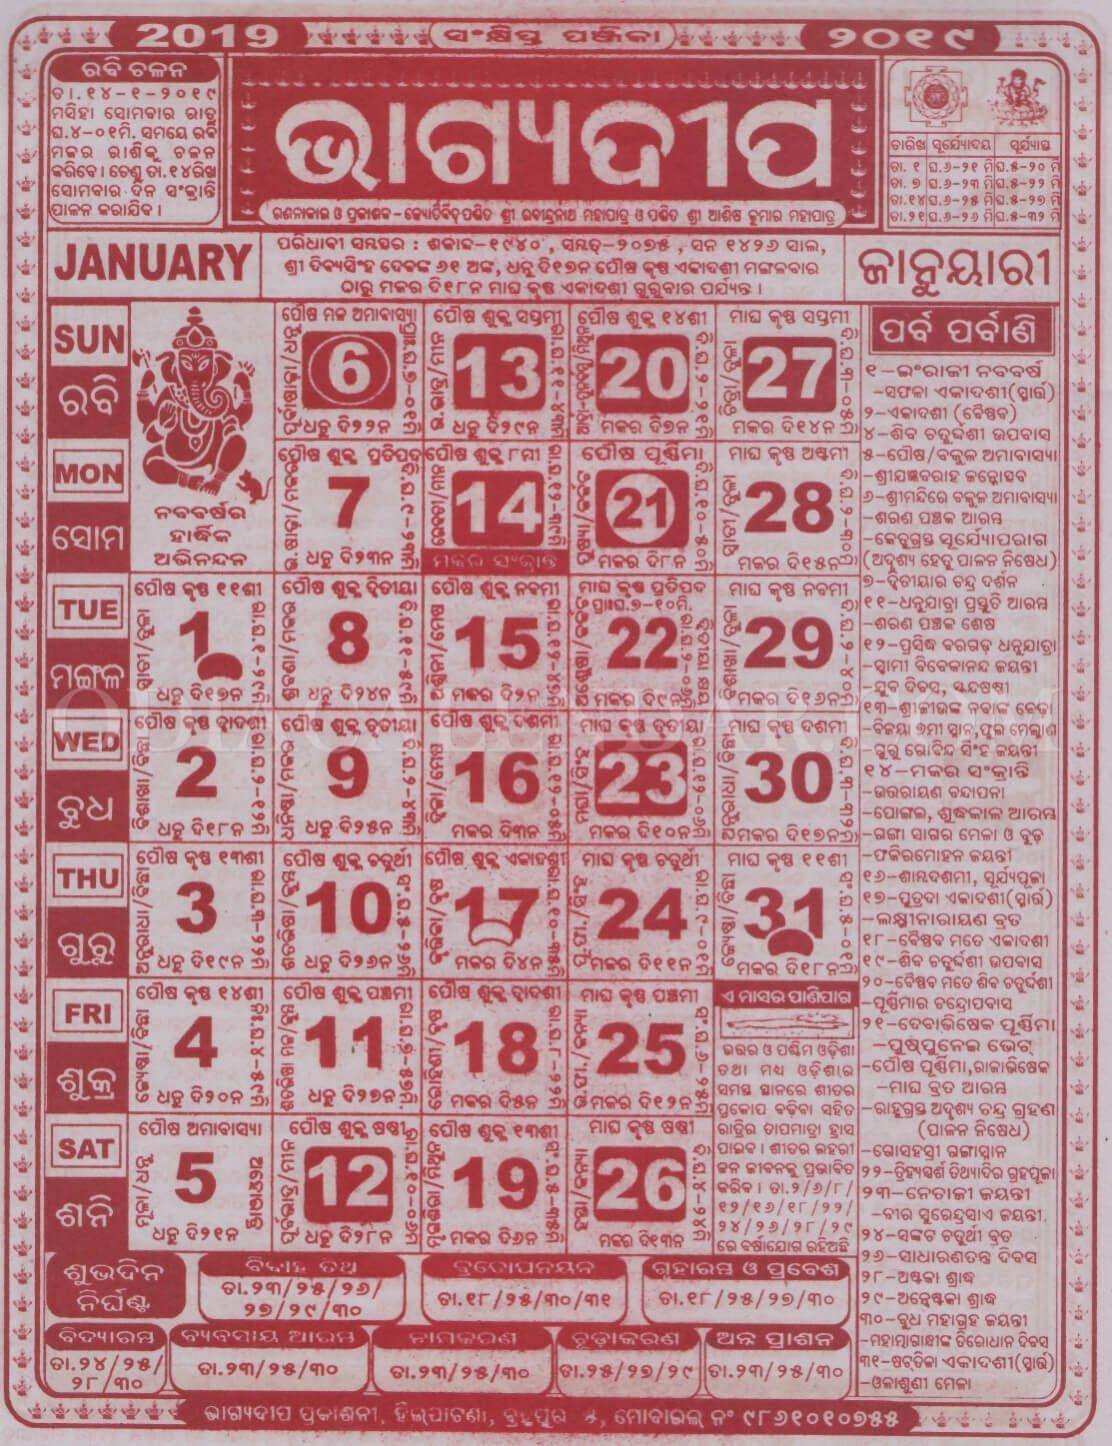 Bhagyadeep Calendar January 2019 | Calendar, Free, High in Odia Calendar January 2020